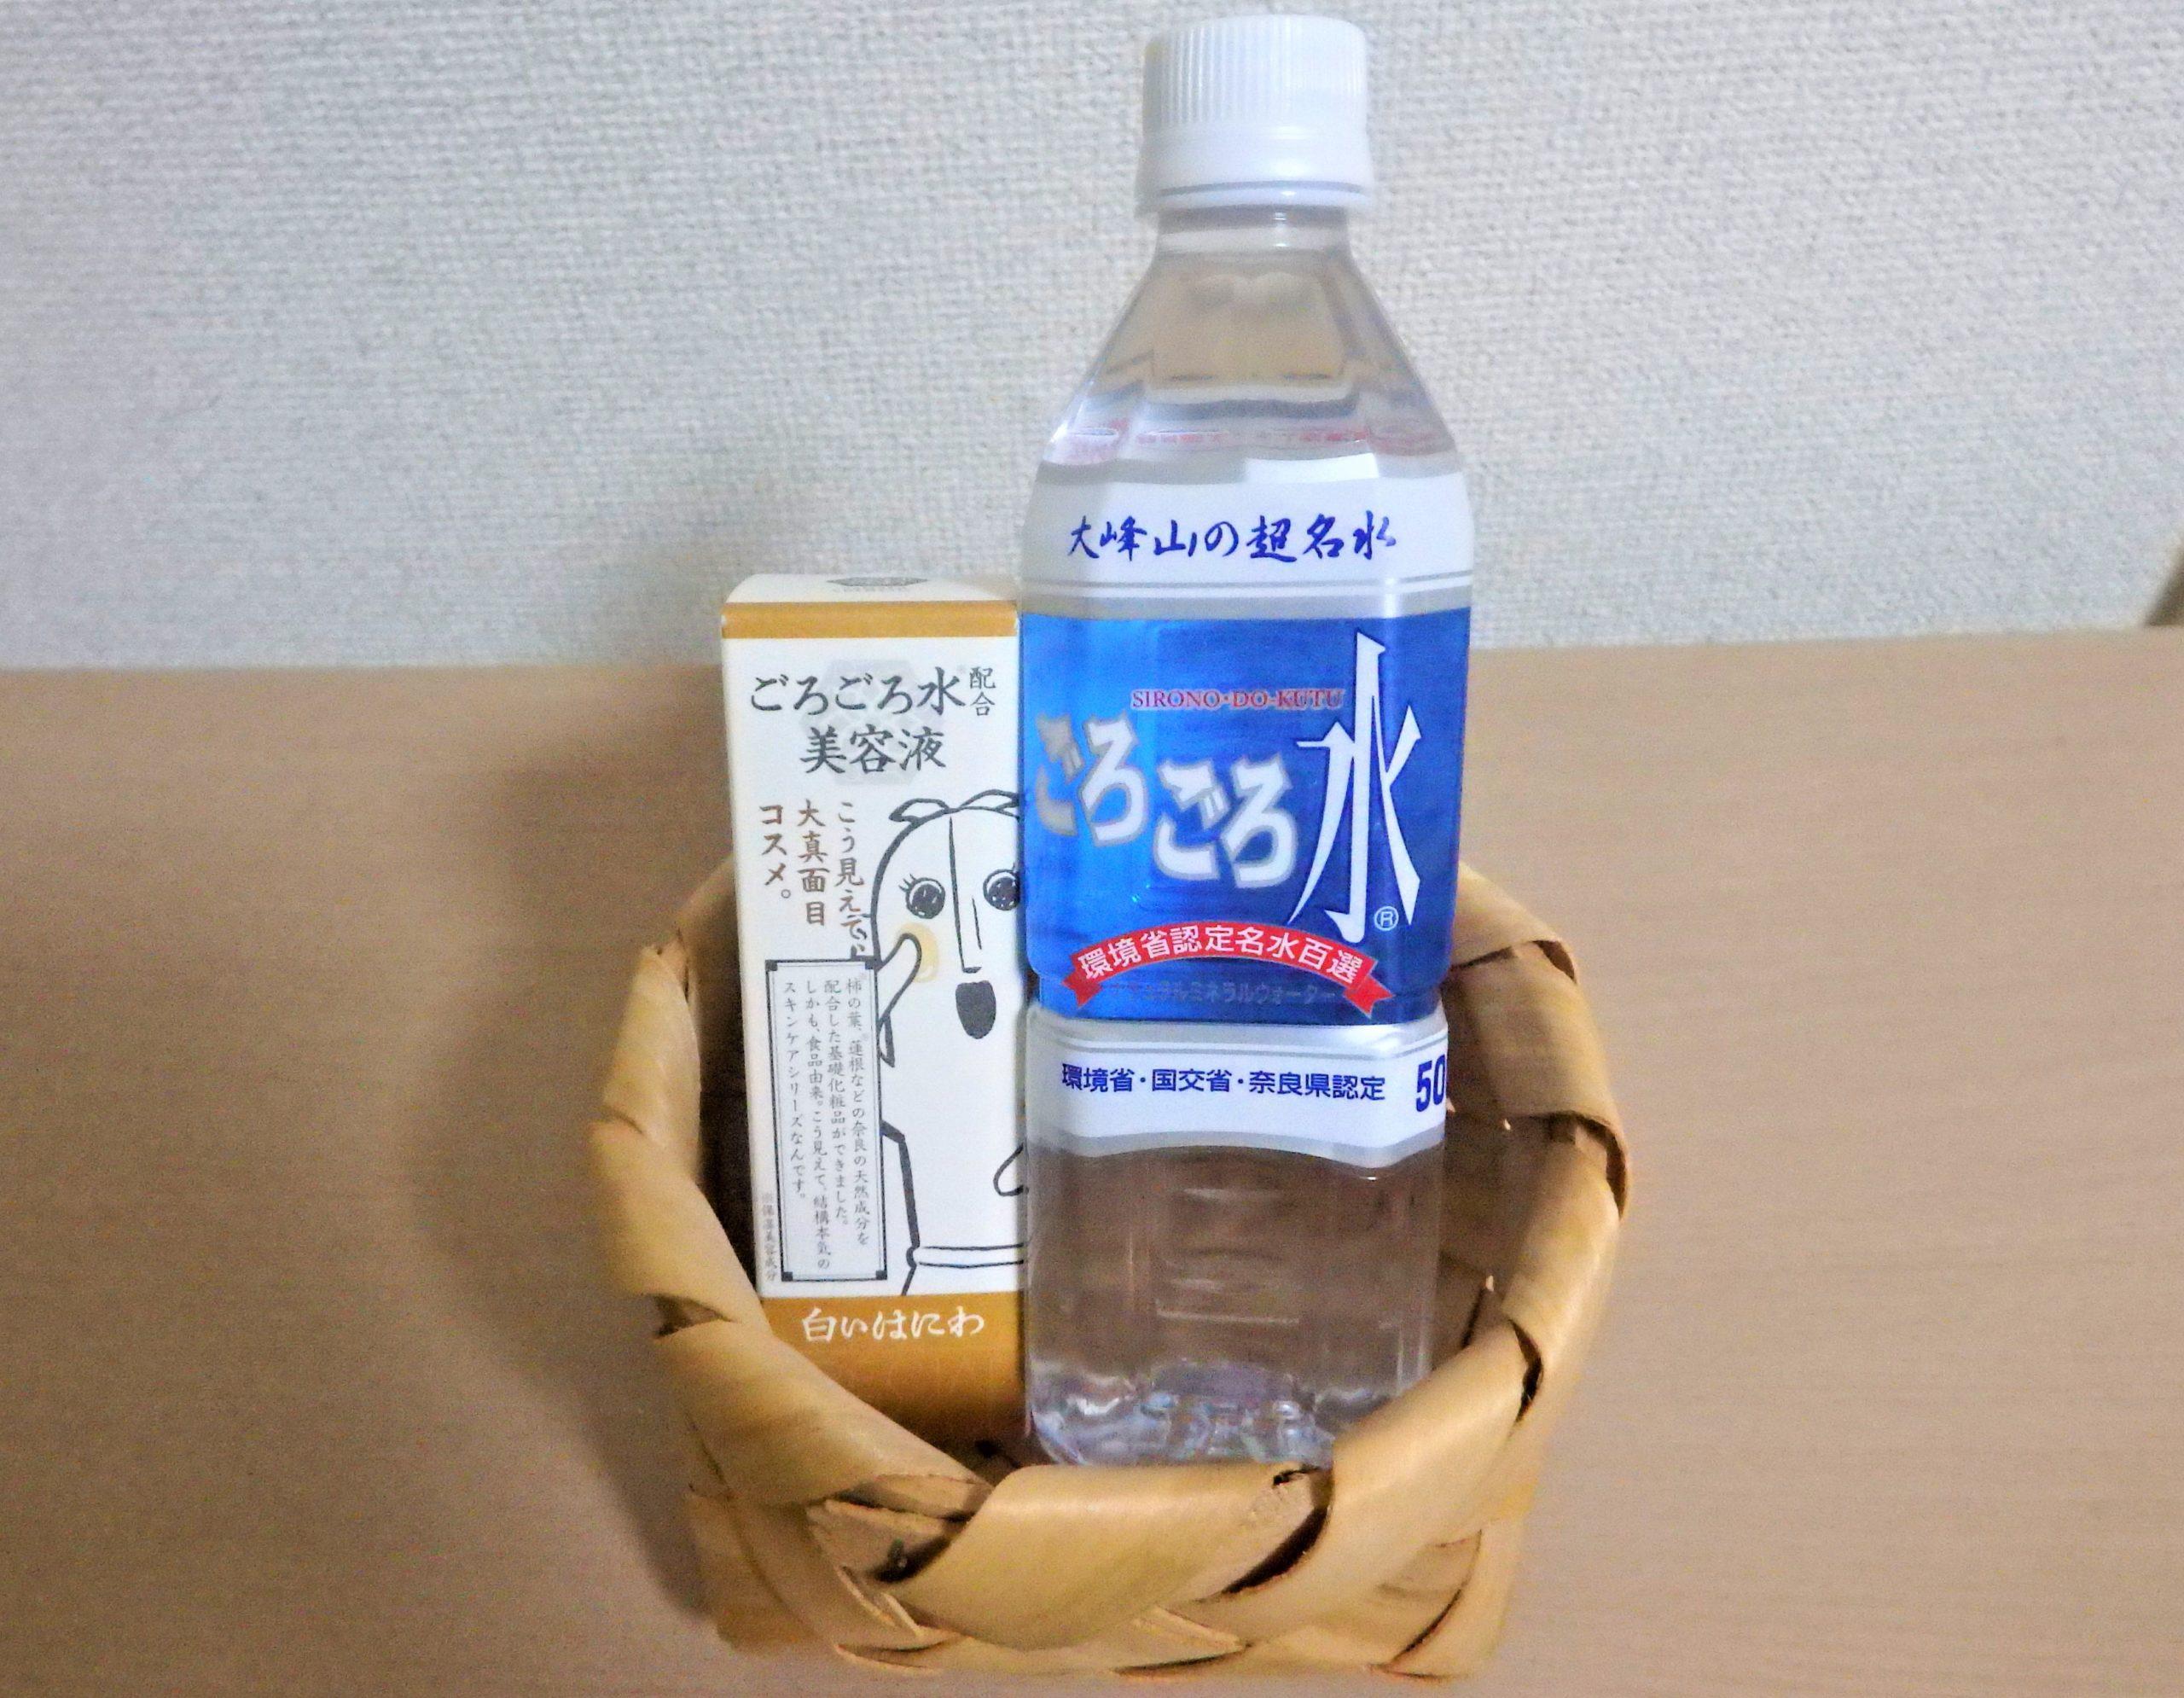 日本名水100選!奈良県の「ごろごろ水」配合の美容液を使ってみた!